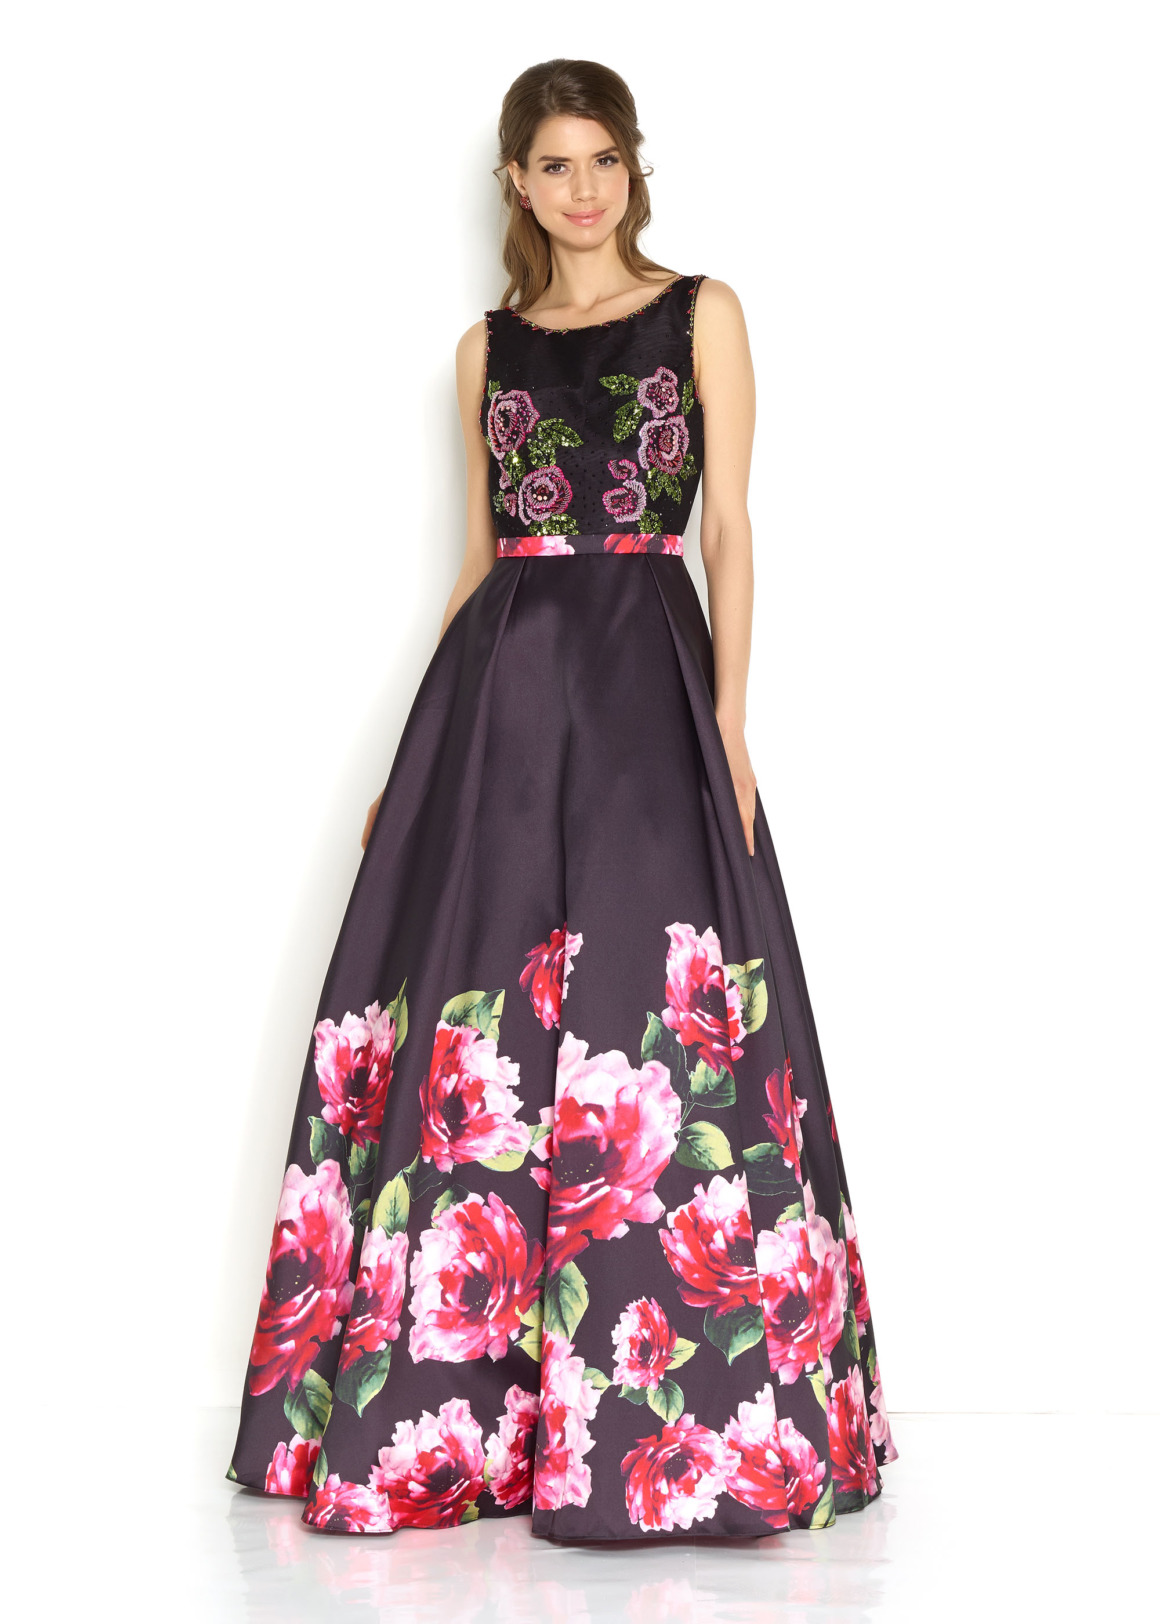 Schützenfest Königinnenkleid Hofdamen Hofstaat langes Ballkleid schwarz mit Blumendruck Print Oberteil mit Stickerei sehr ausgefallen langes Kleid